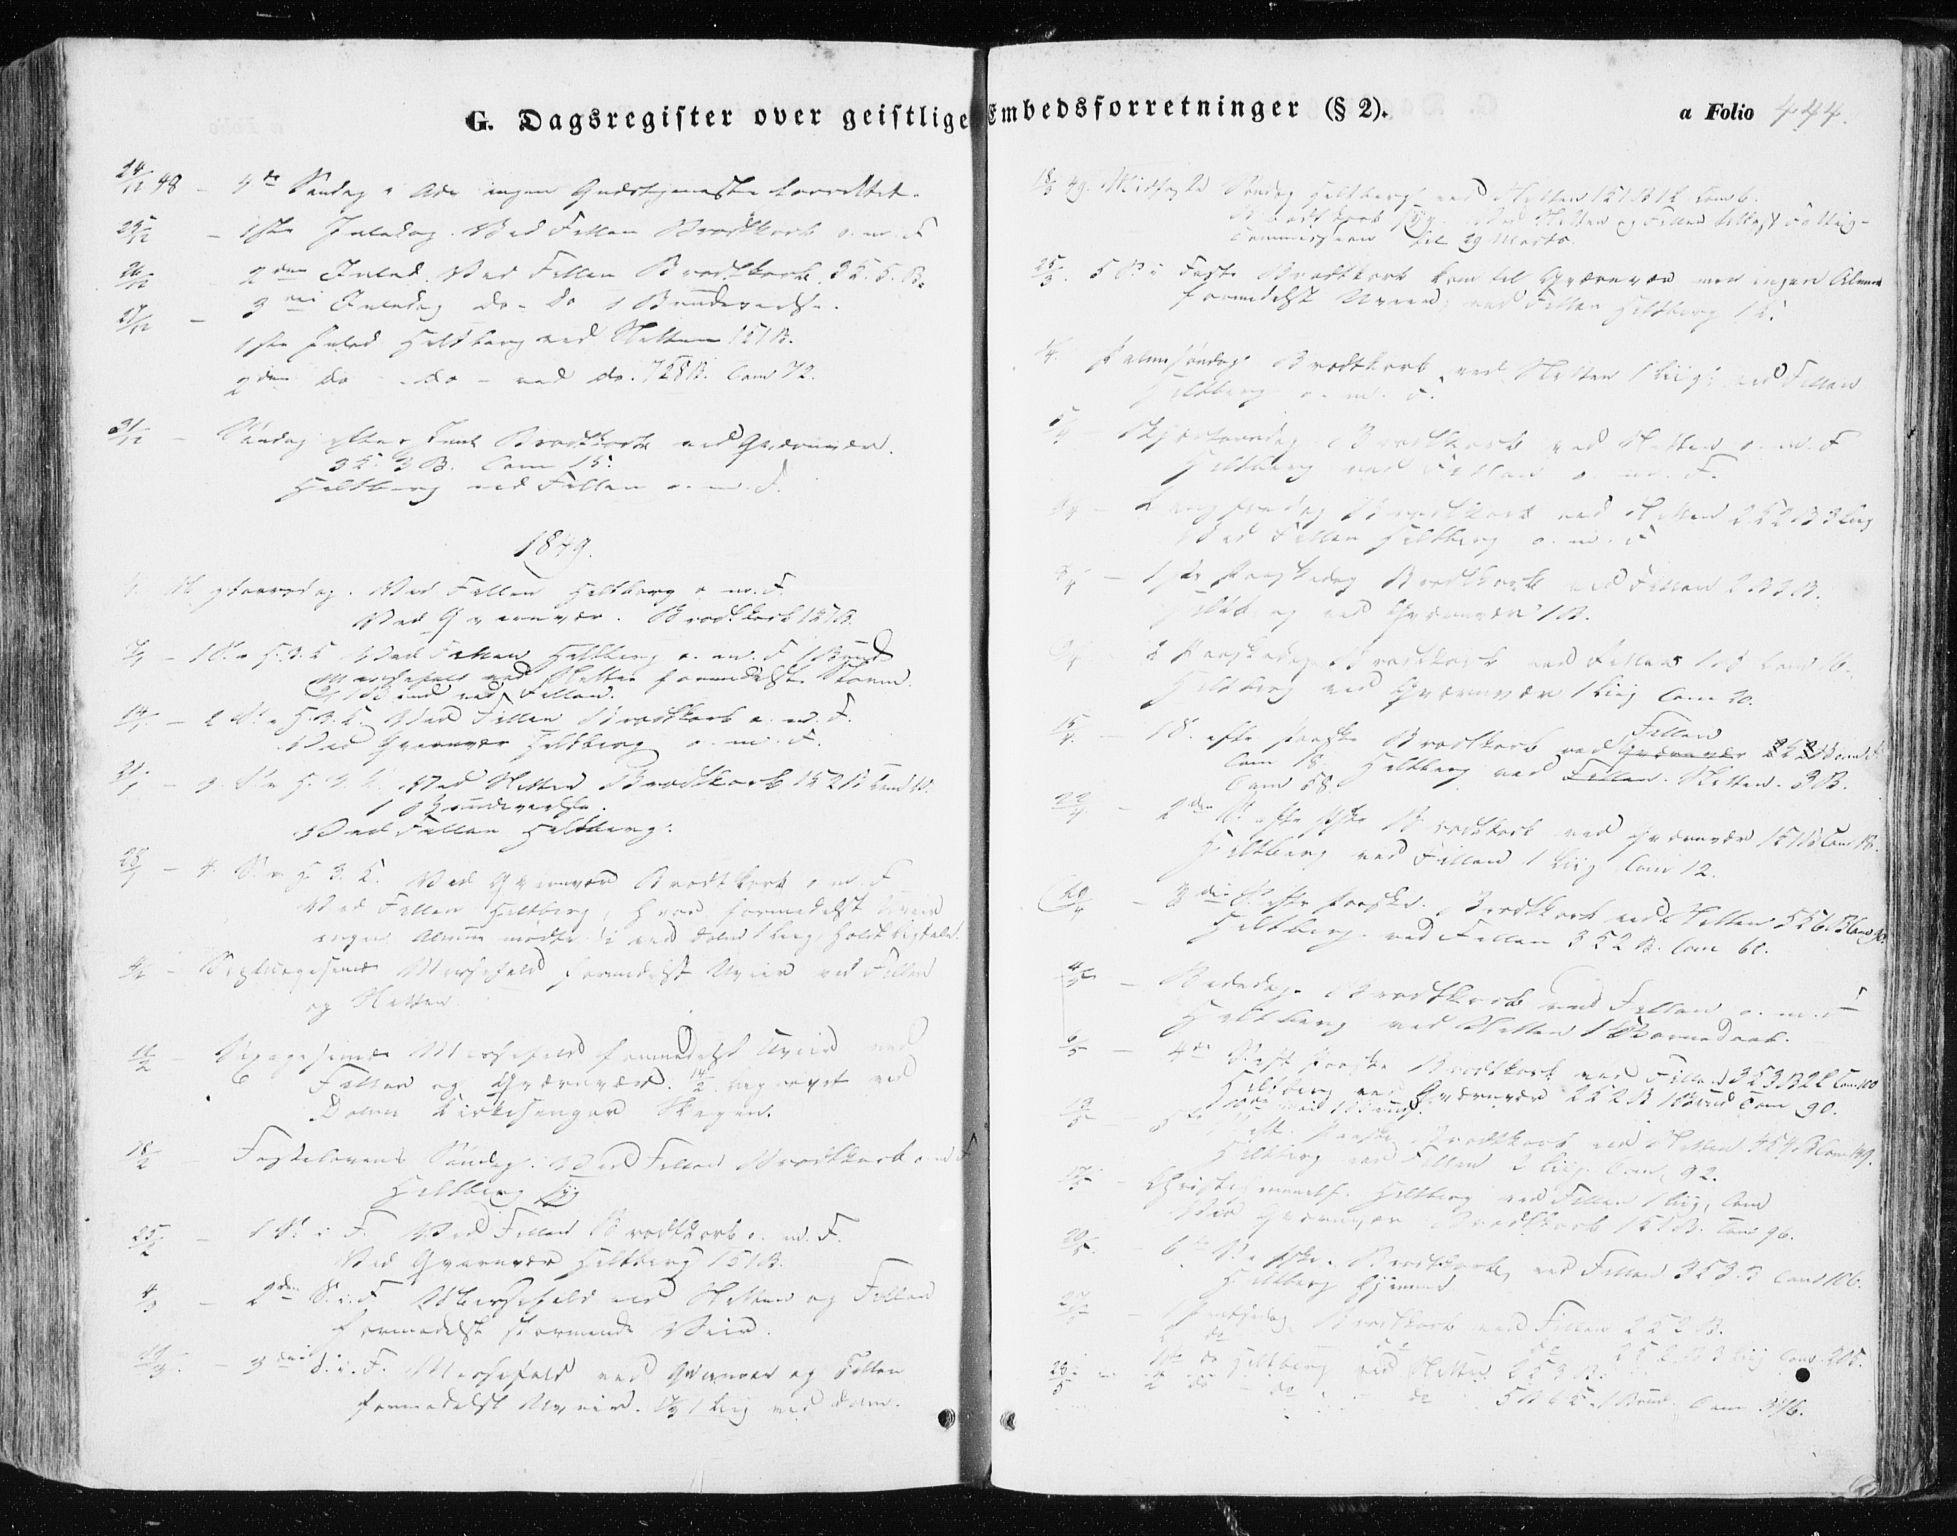 SAT, Ministerialprotokoller, klokkerbøker og fødselsregistre - Sør-Trøndelag, 634/L0529: Ministerialbok nr. 634A05, 1843-1851, s. 444